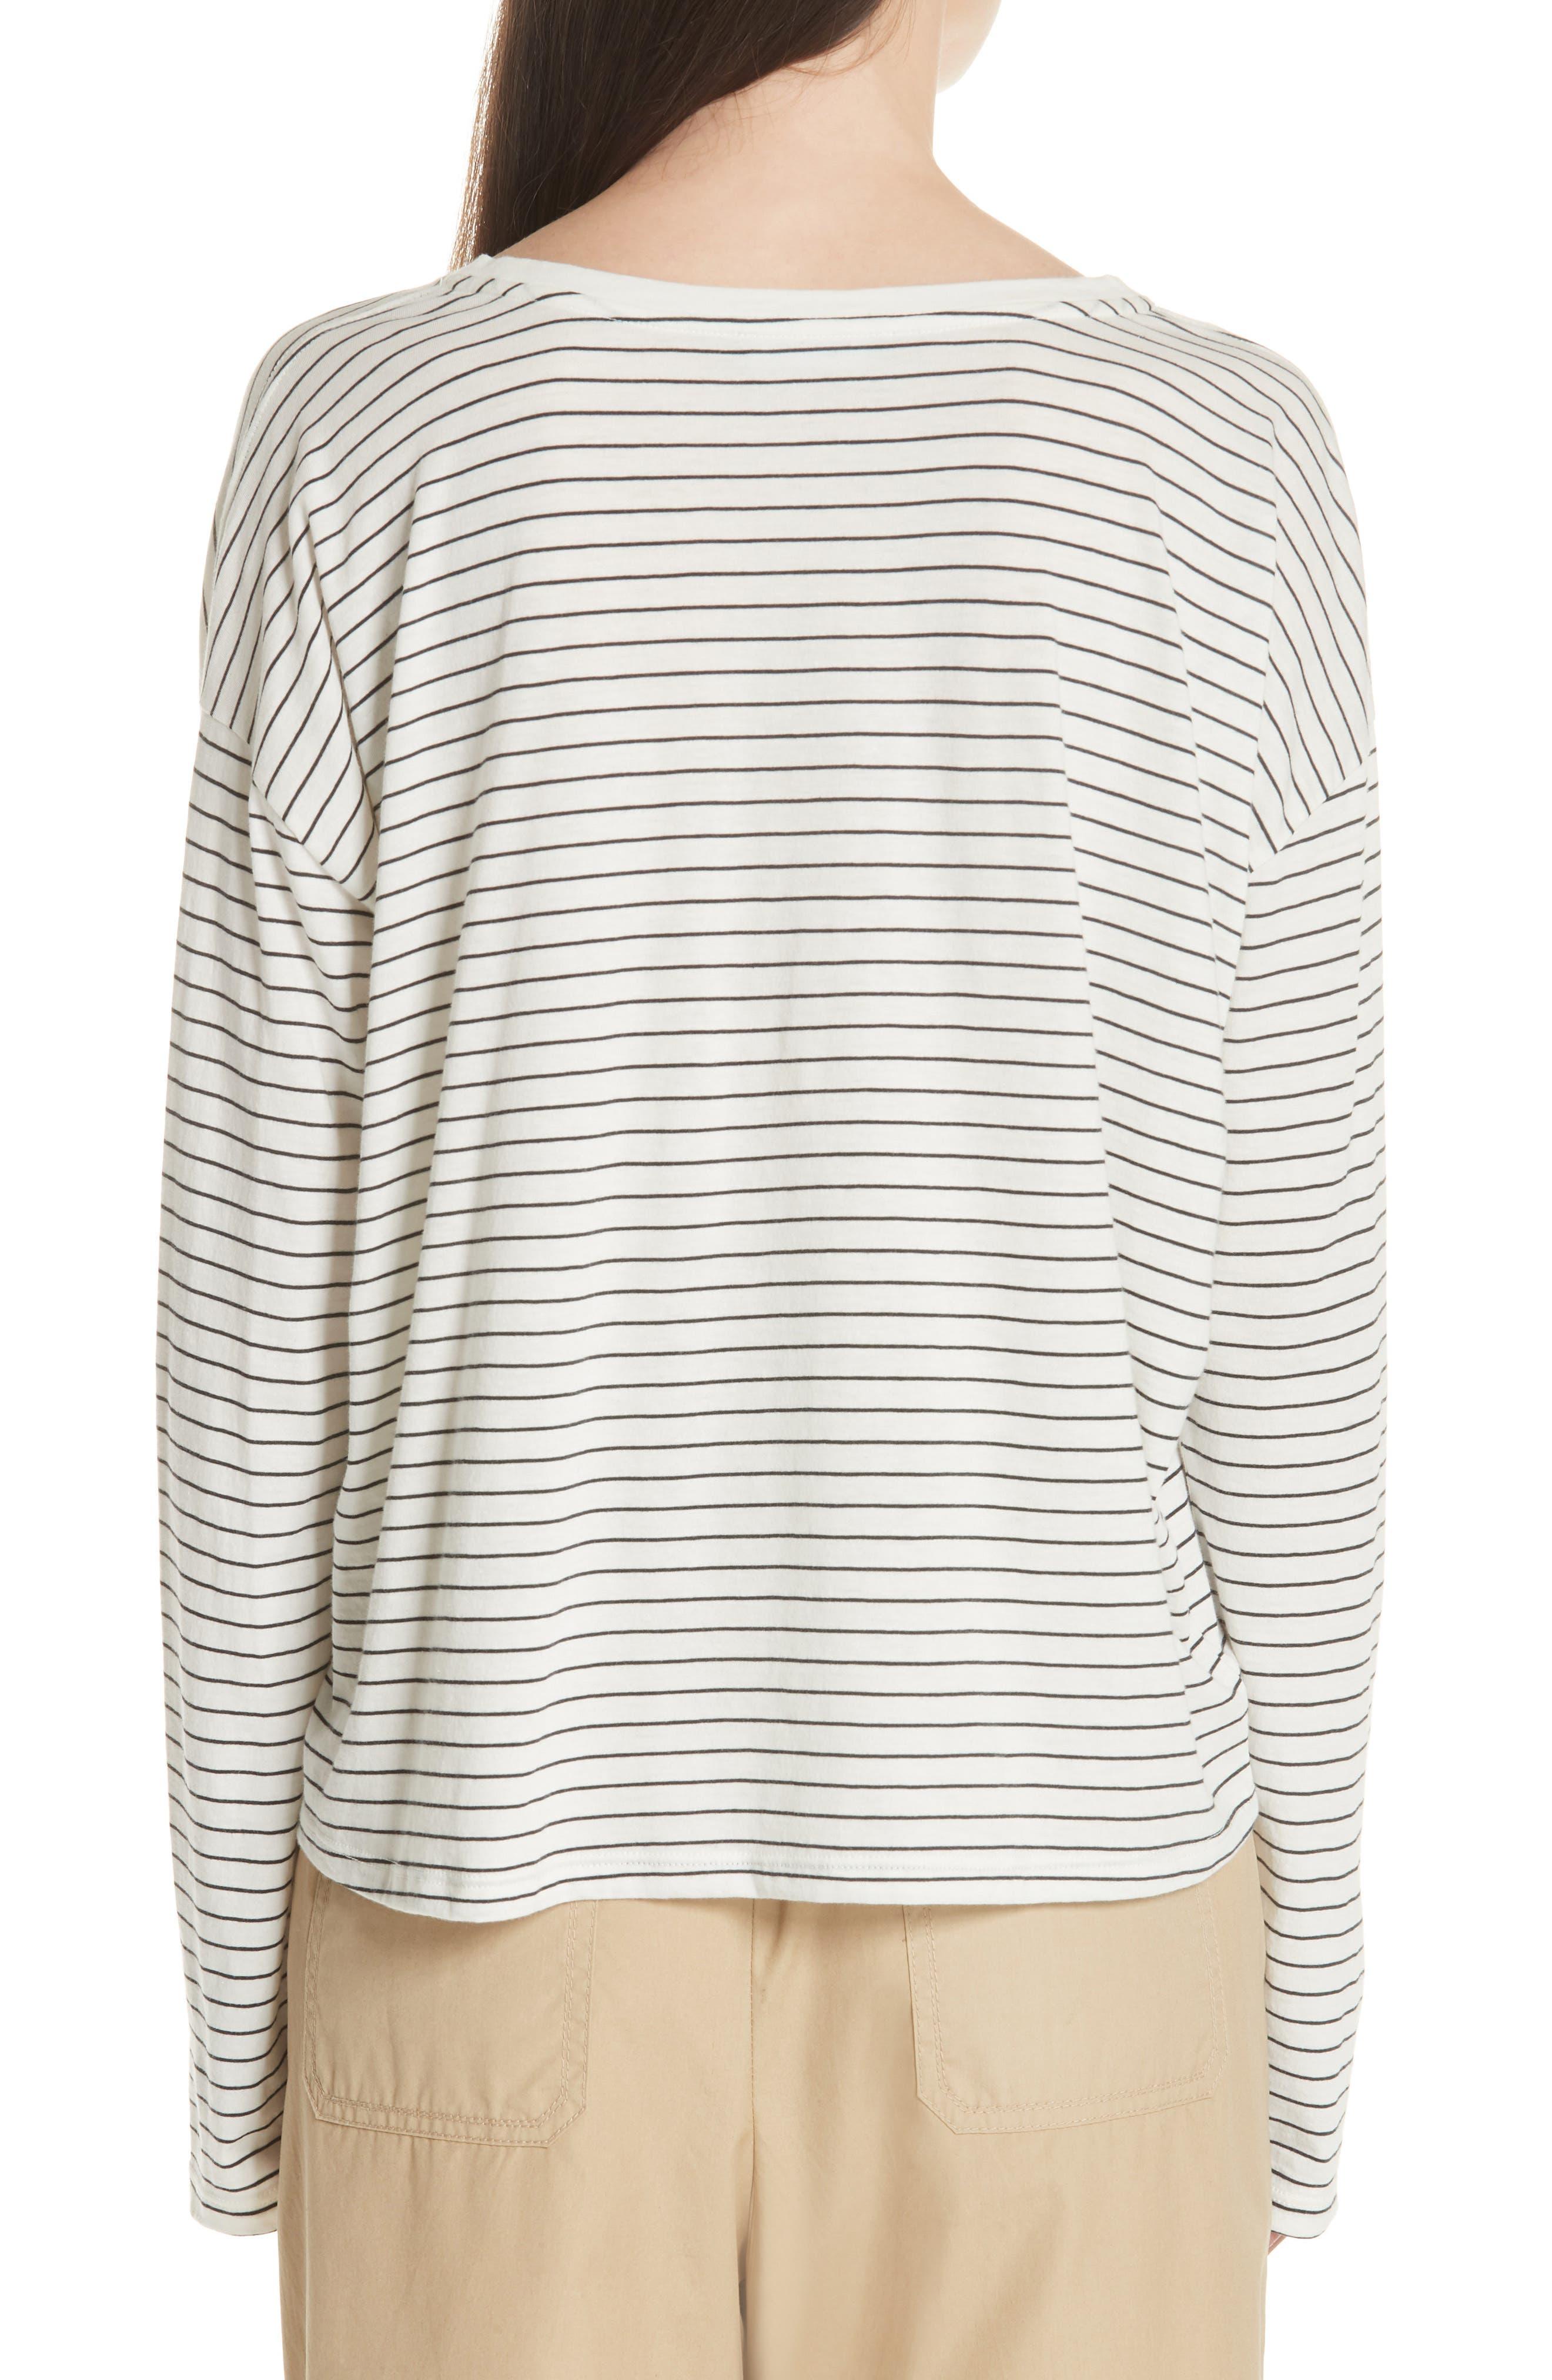 Pencil Stripe Pima Cotton Pullover Top,                             Alternate thumbnail 2, color,                             Vanilla/ Iron